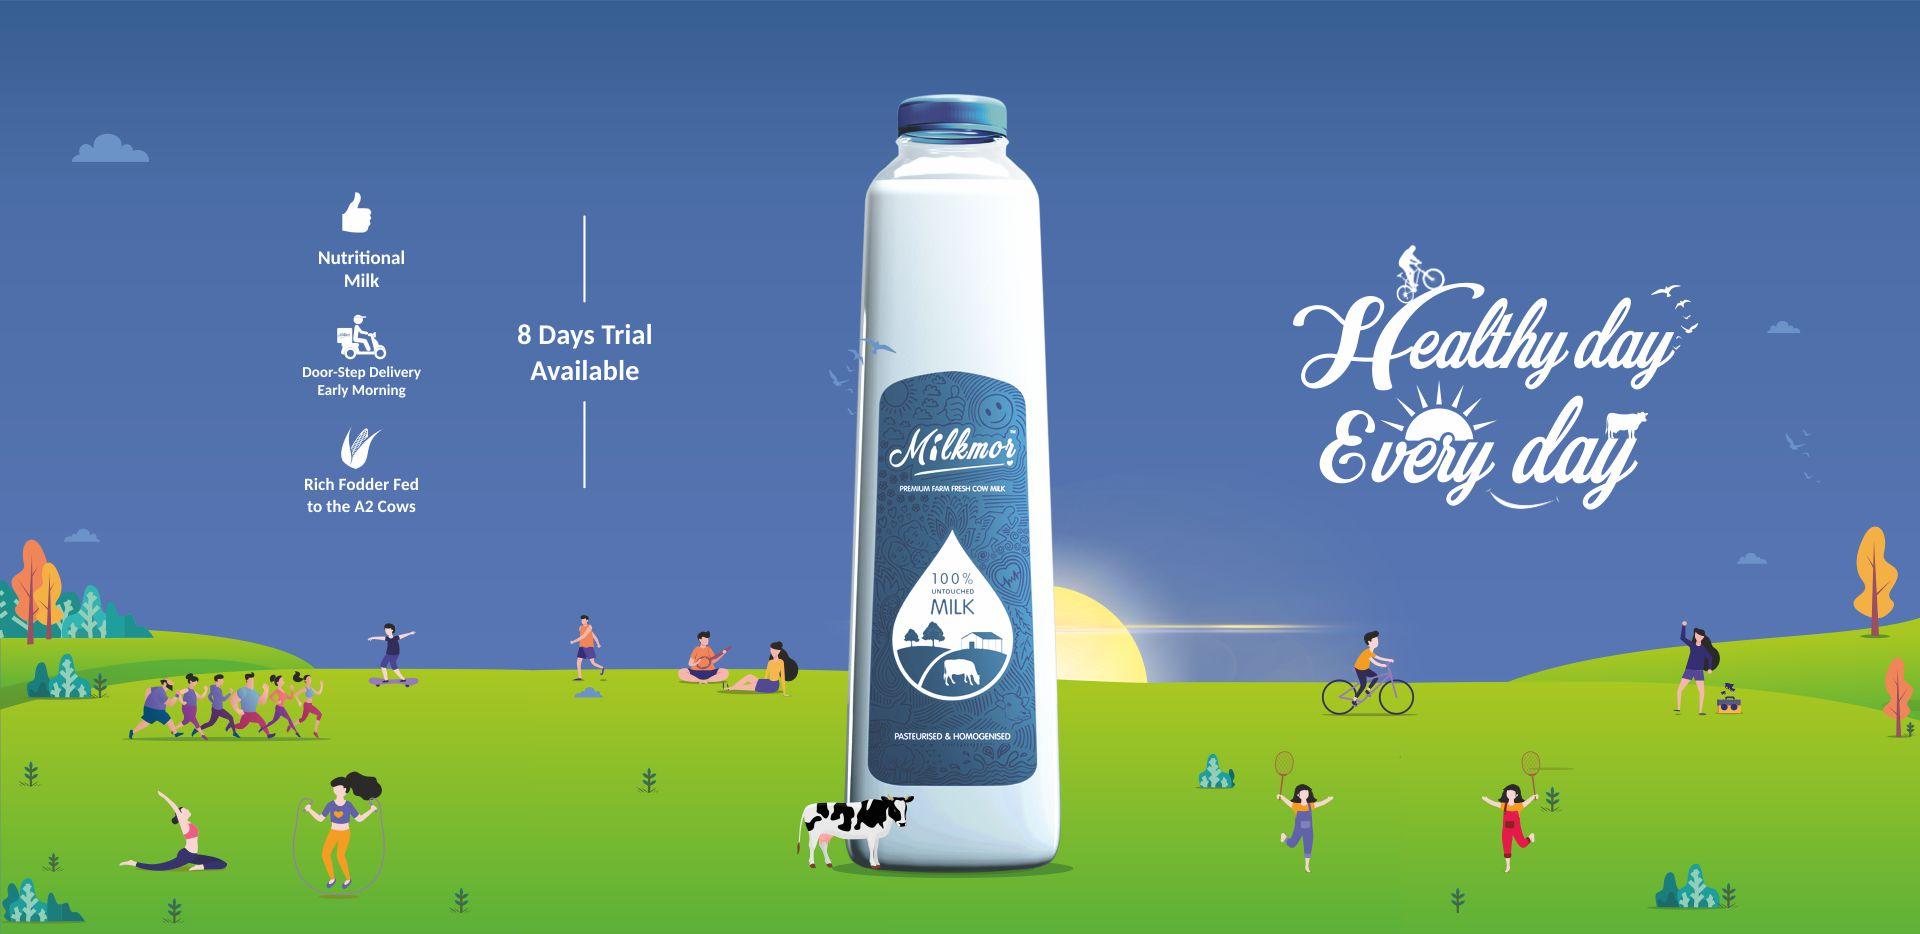 Milkmor_Pure_Cow_Milk_Ghee_Ahmedabad_1